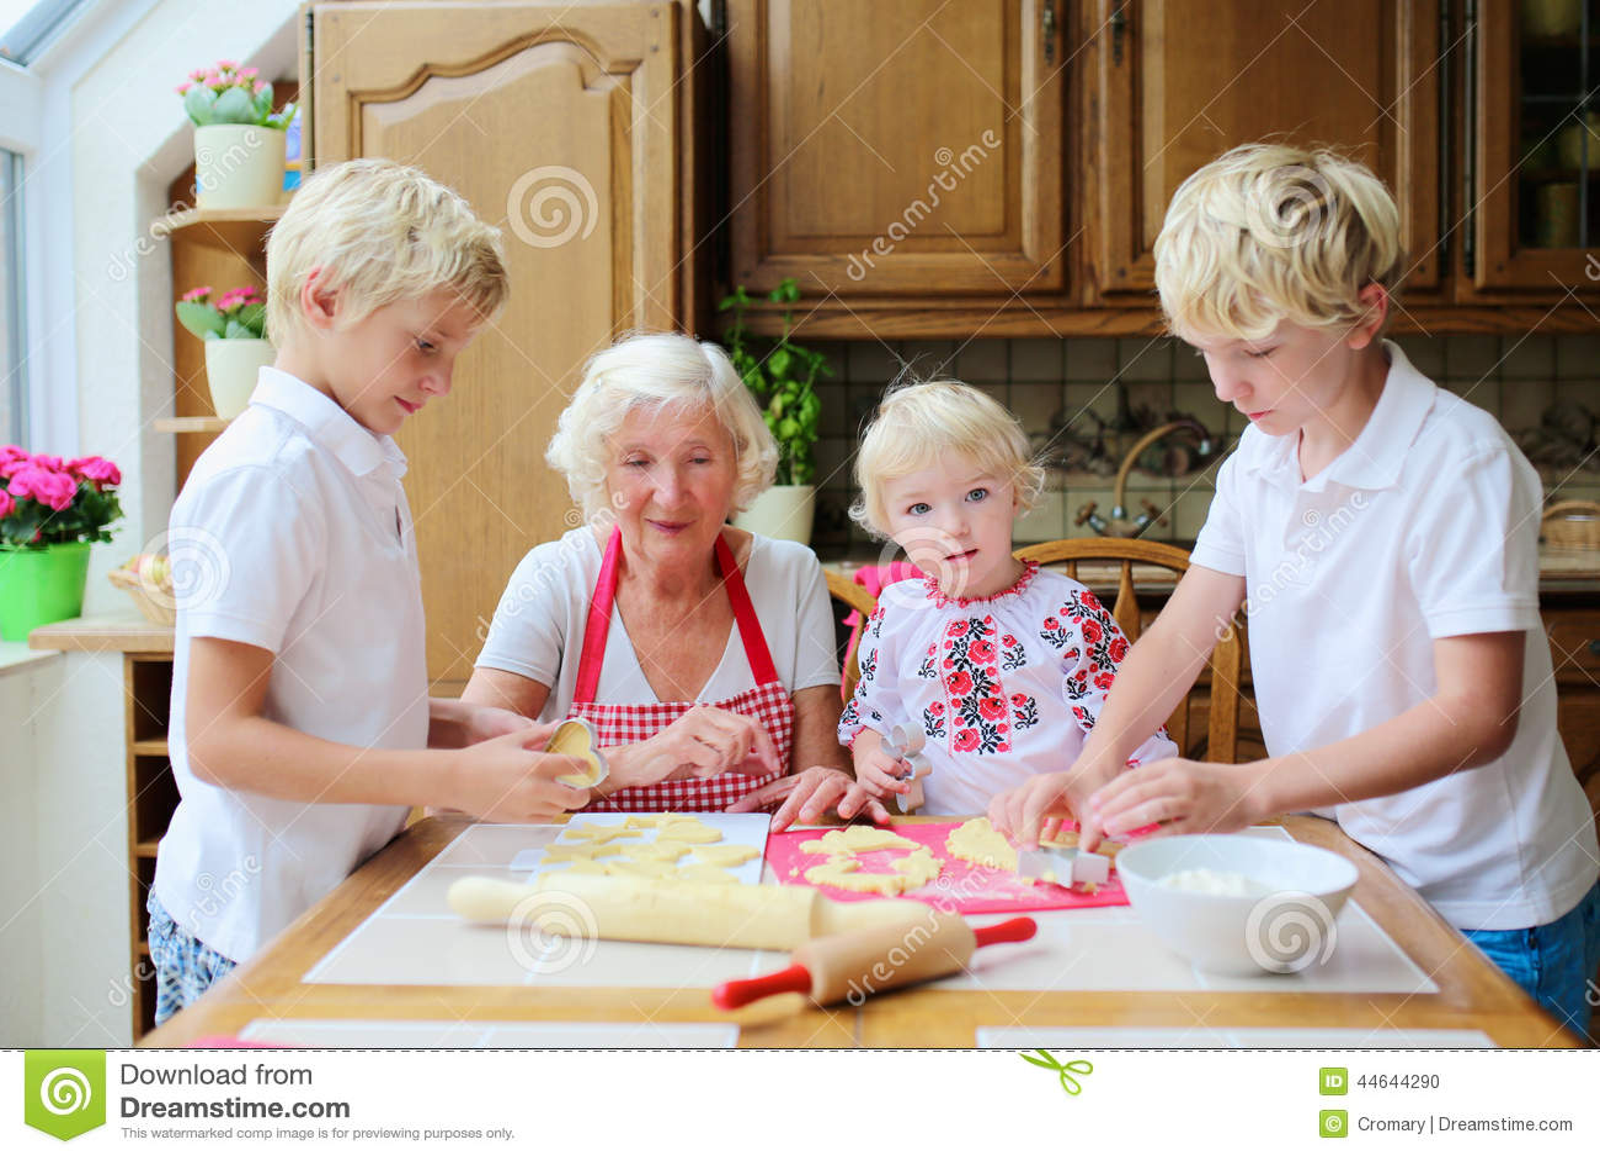 Бабушка с мальчиком на кухне порносекс фото 36-794